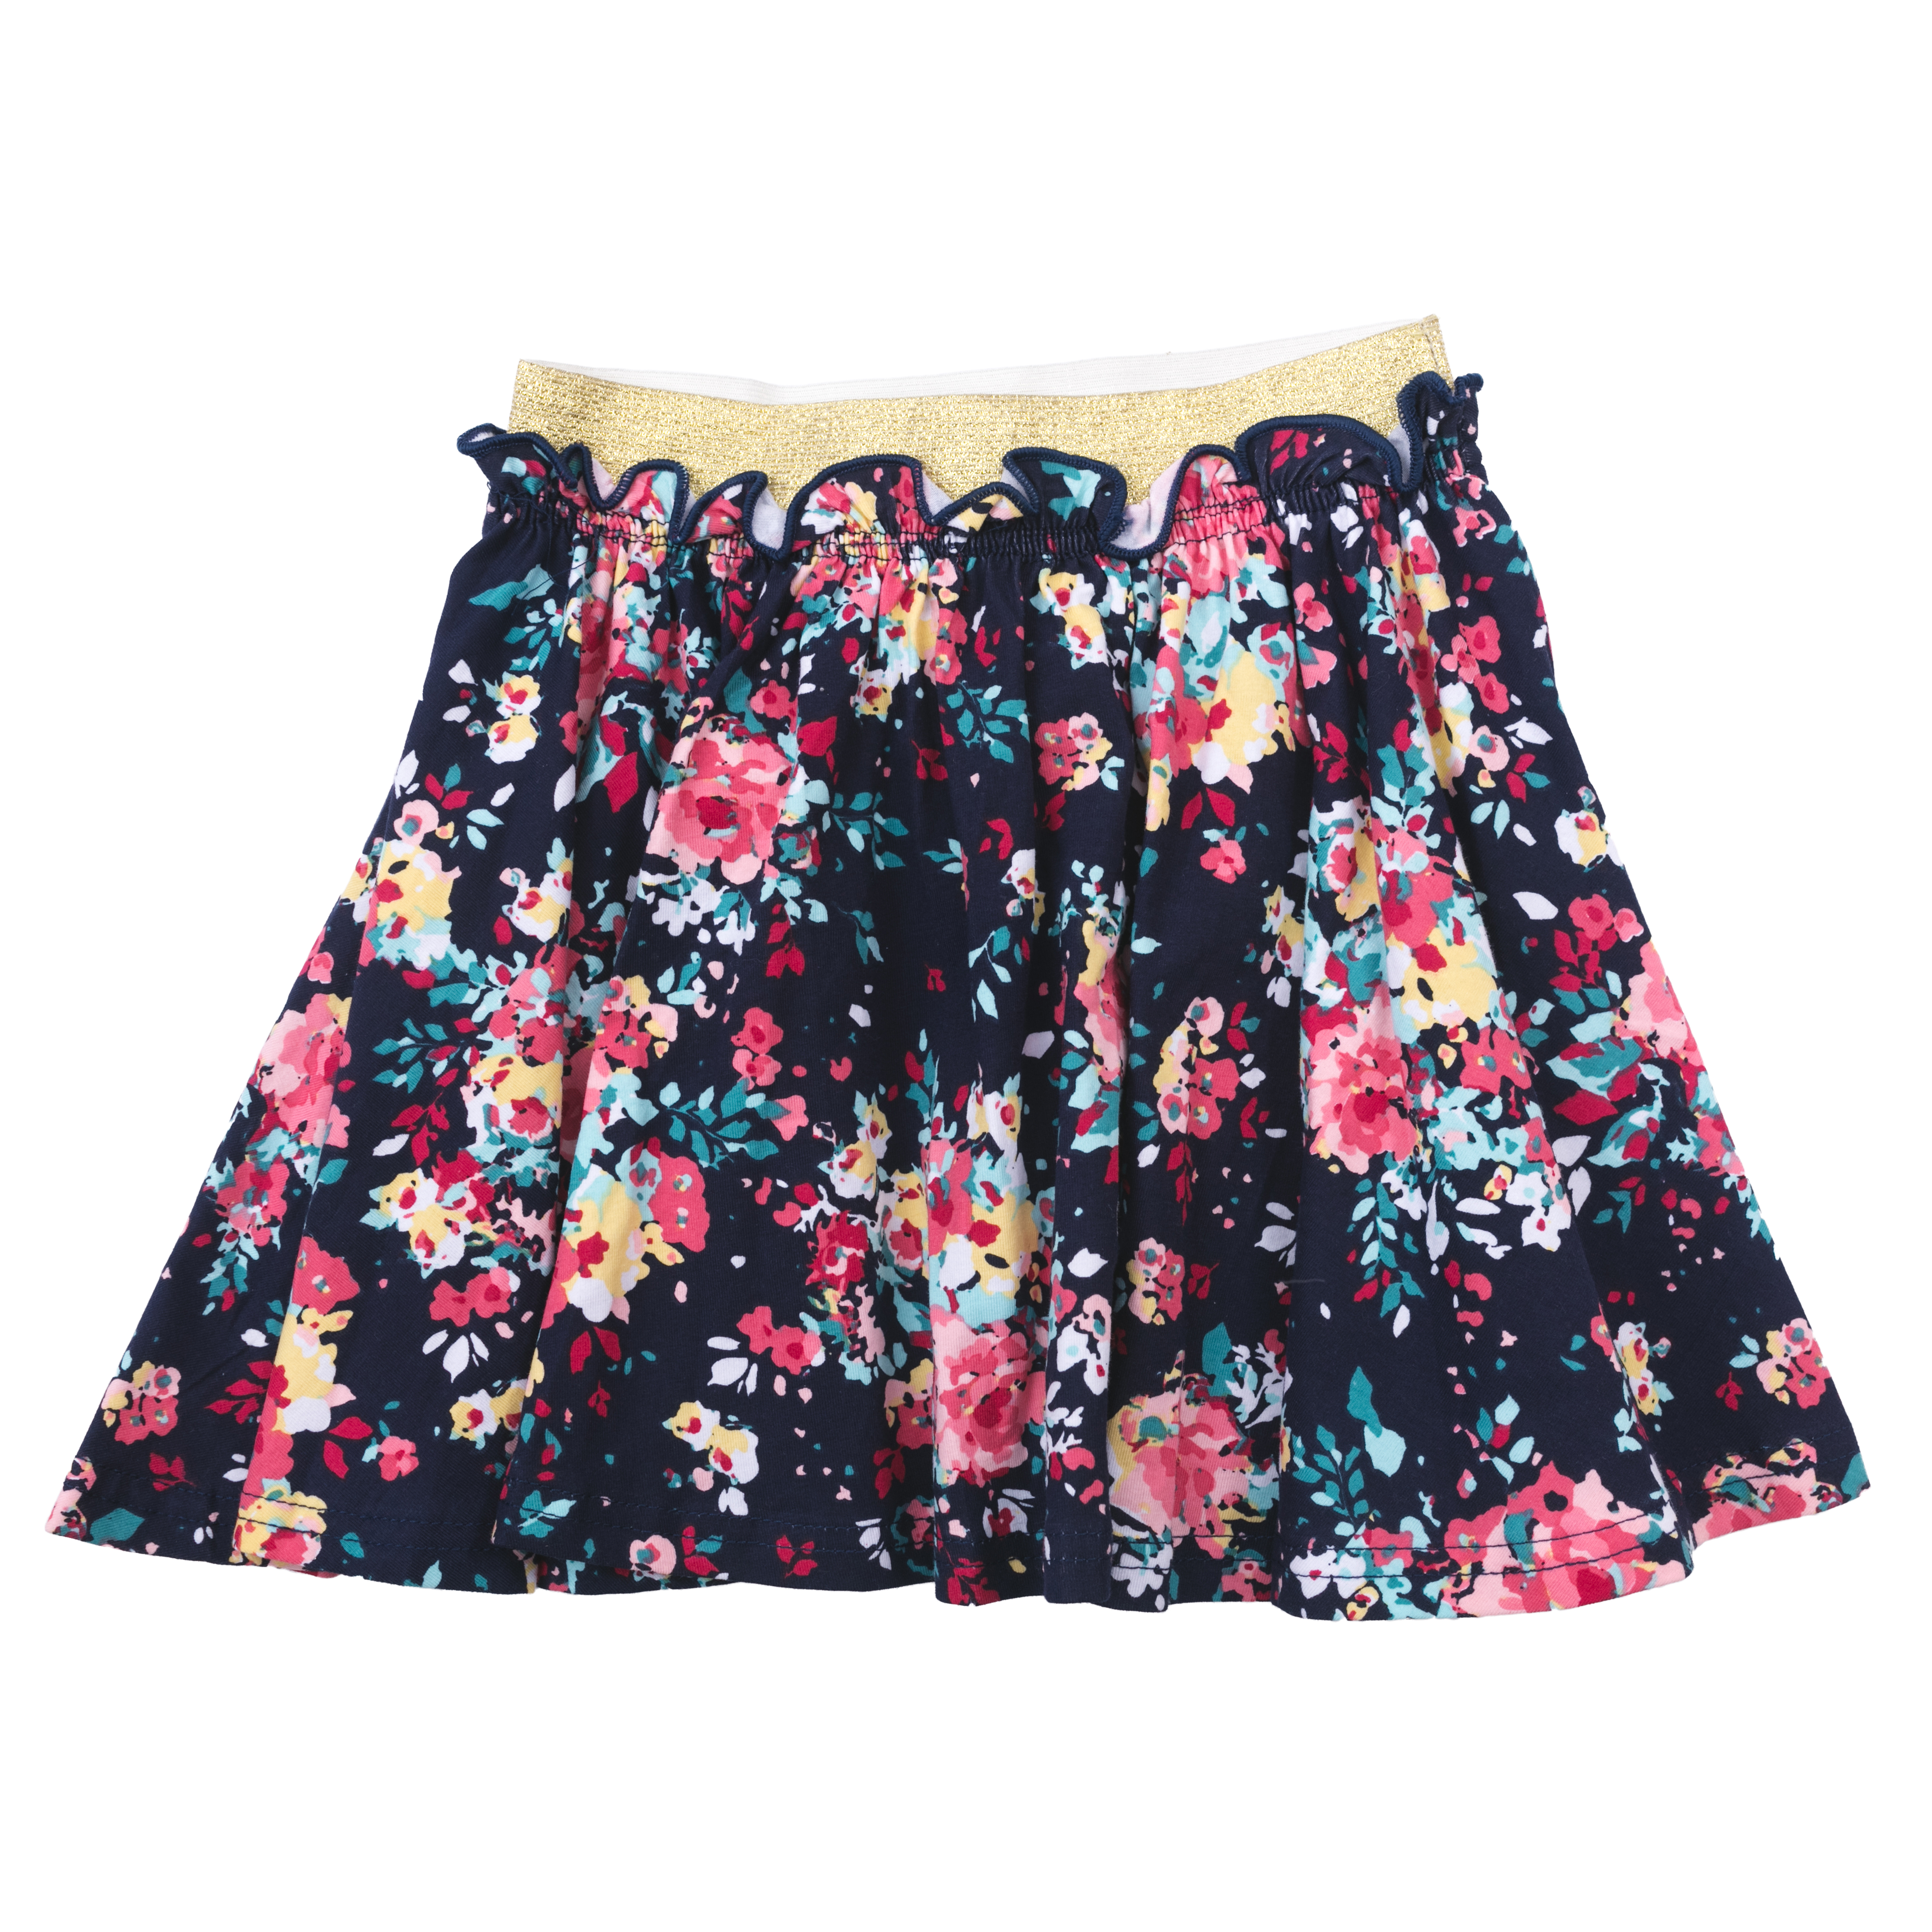 Юбка PlayToday, темно-синий, розовый, зеленый 116 размер172016116Яркая стильная юбка будет хорошим дополнением детского гардероба. Пояс юбки на эффектной широкой резинке с люрексом, мягкая ткань не сковывает движений ребенка. Материал приятен к телу и не вызывает раздражений. Преимущества: Мягкая ткань не сковывает движений ребенка, Материал приятен к телу и не вызывает раздражений, Пояс на широкой резинке с люрексом.